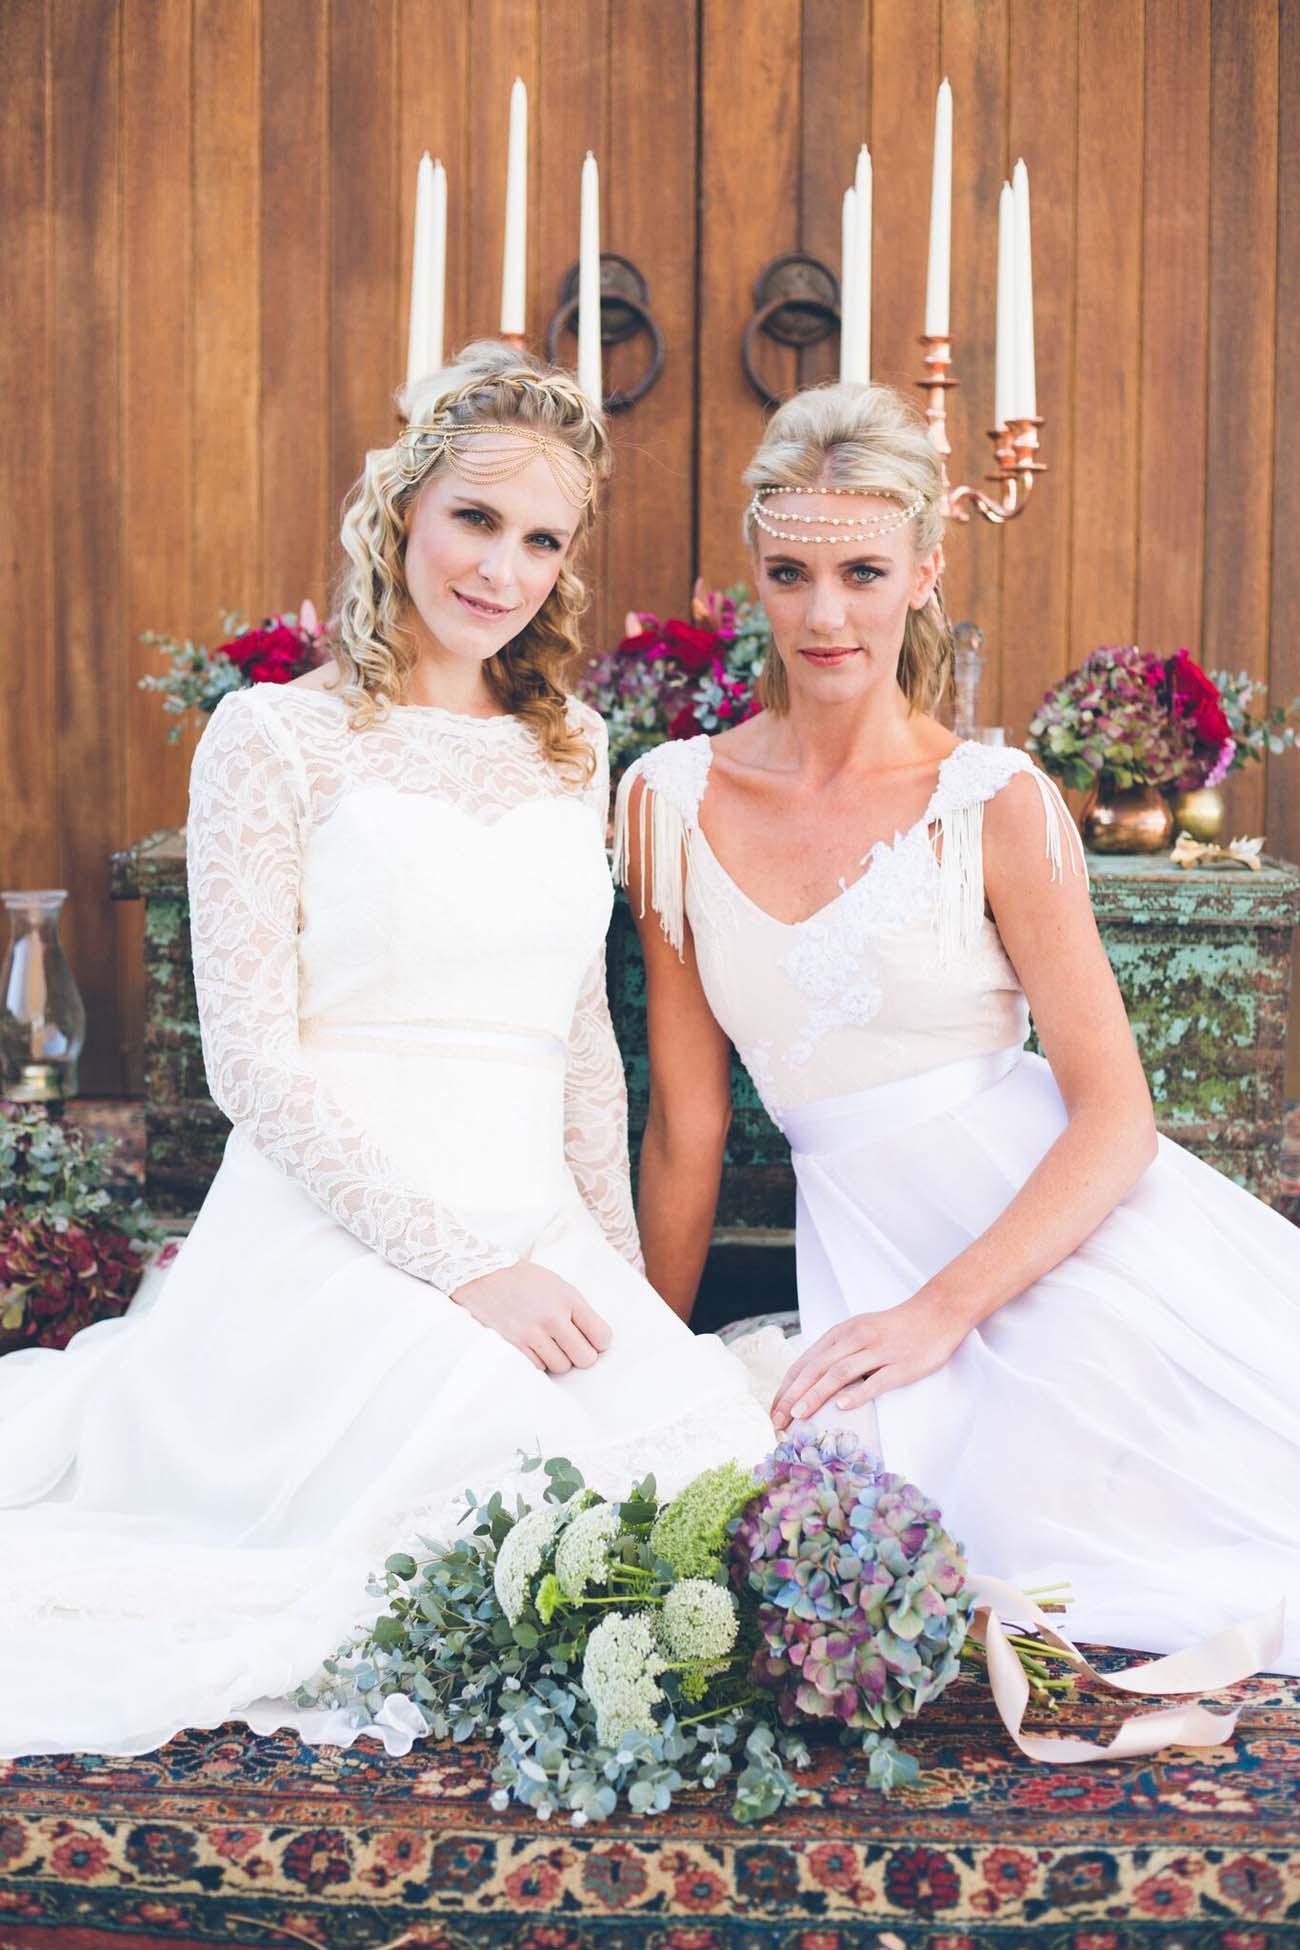 Boho Wedding Dresses Midlands : Festival chic wedding inspiration wanderlust forever after